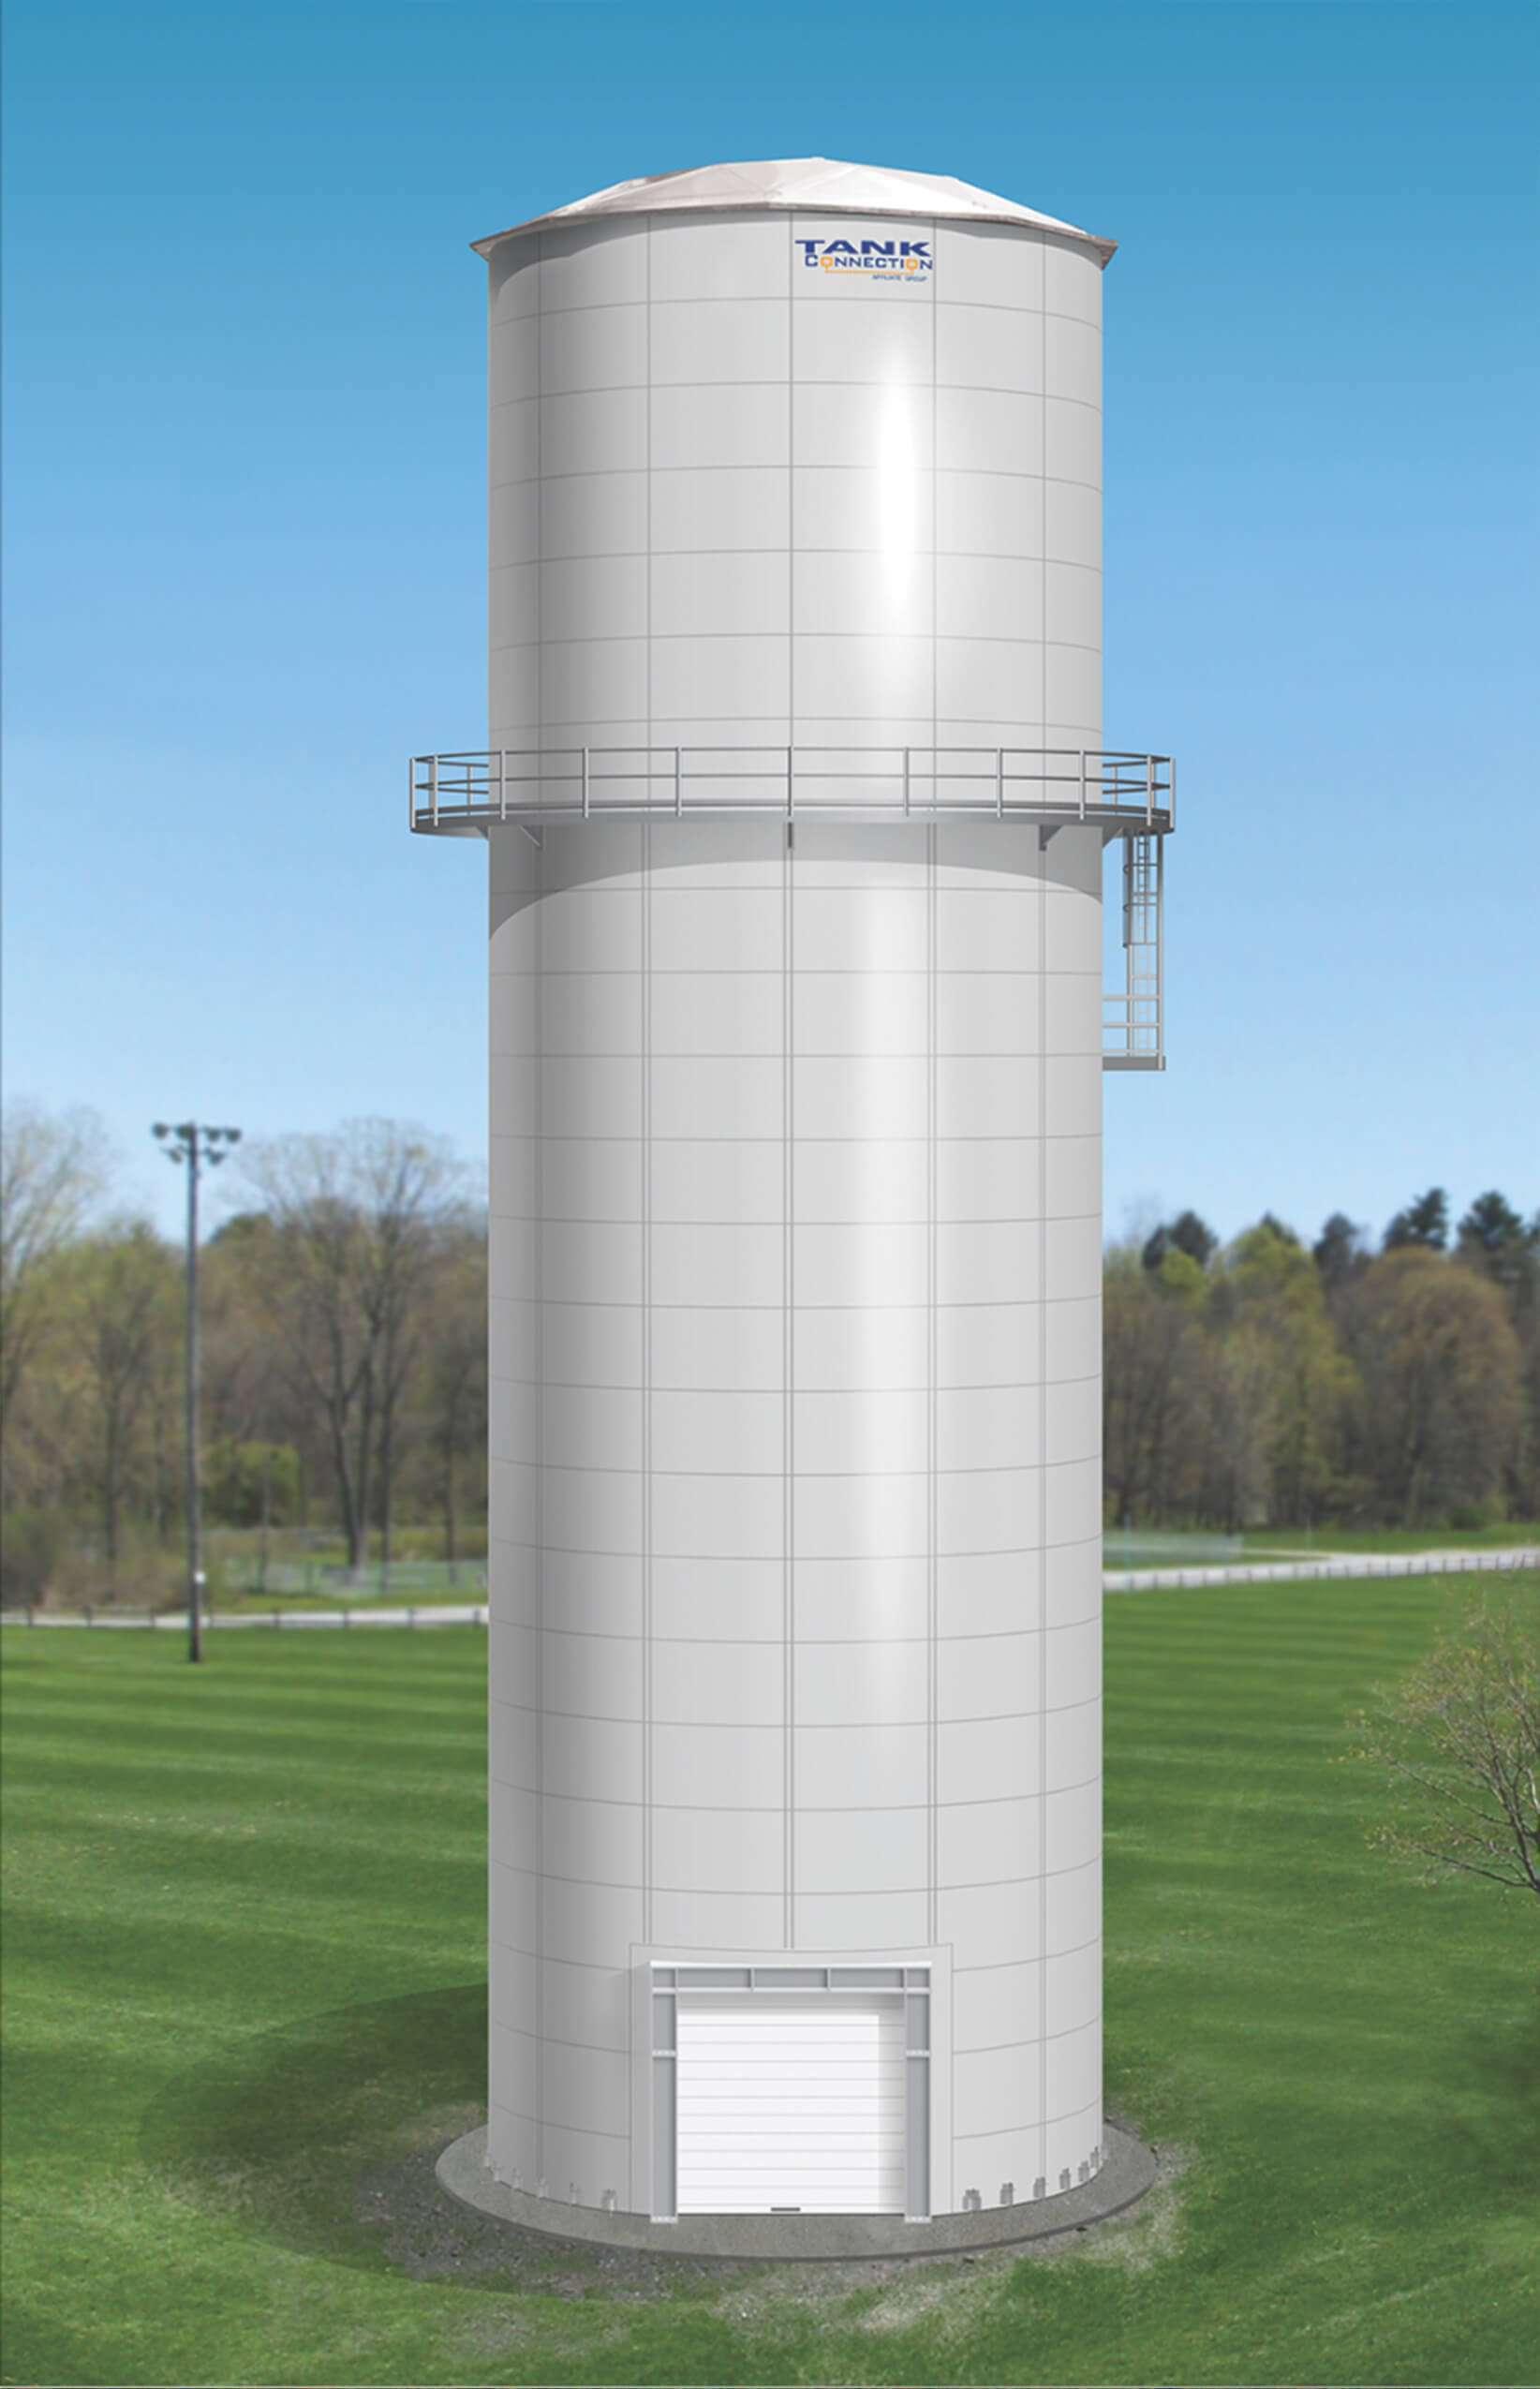 Elevated Water Tank : Elevated water tanks steel storage tank